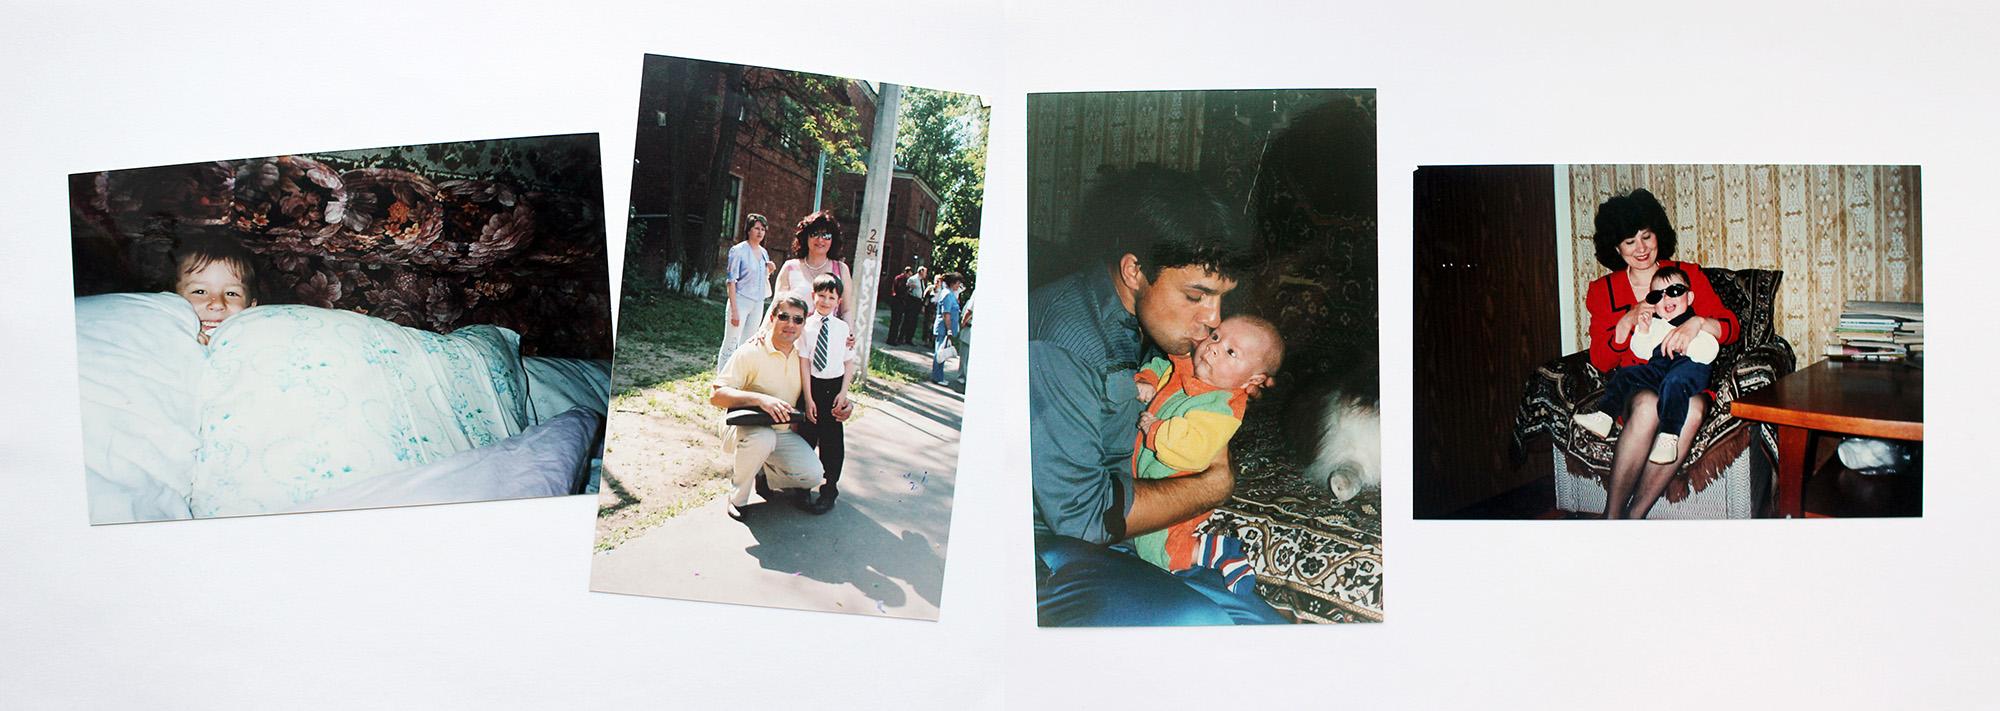 Темы  «Вас всегда кто-то ждёт, вы всегда куда-то несётесь, а мы как будто бы просто в душе»: три мамы о взрослых детях